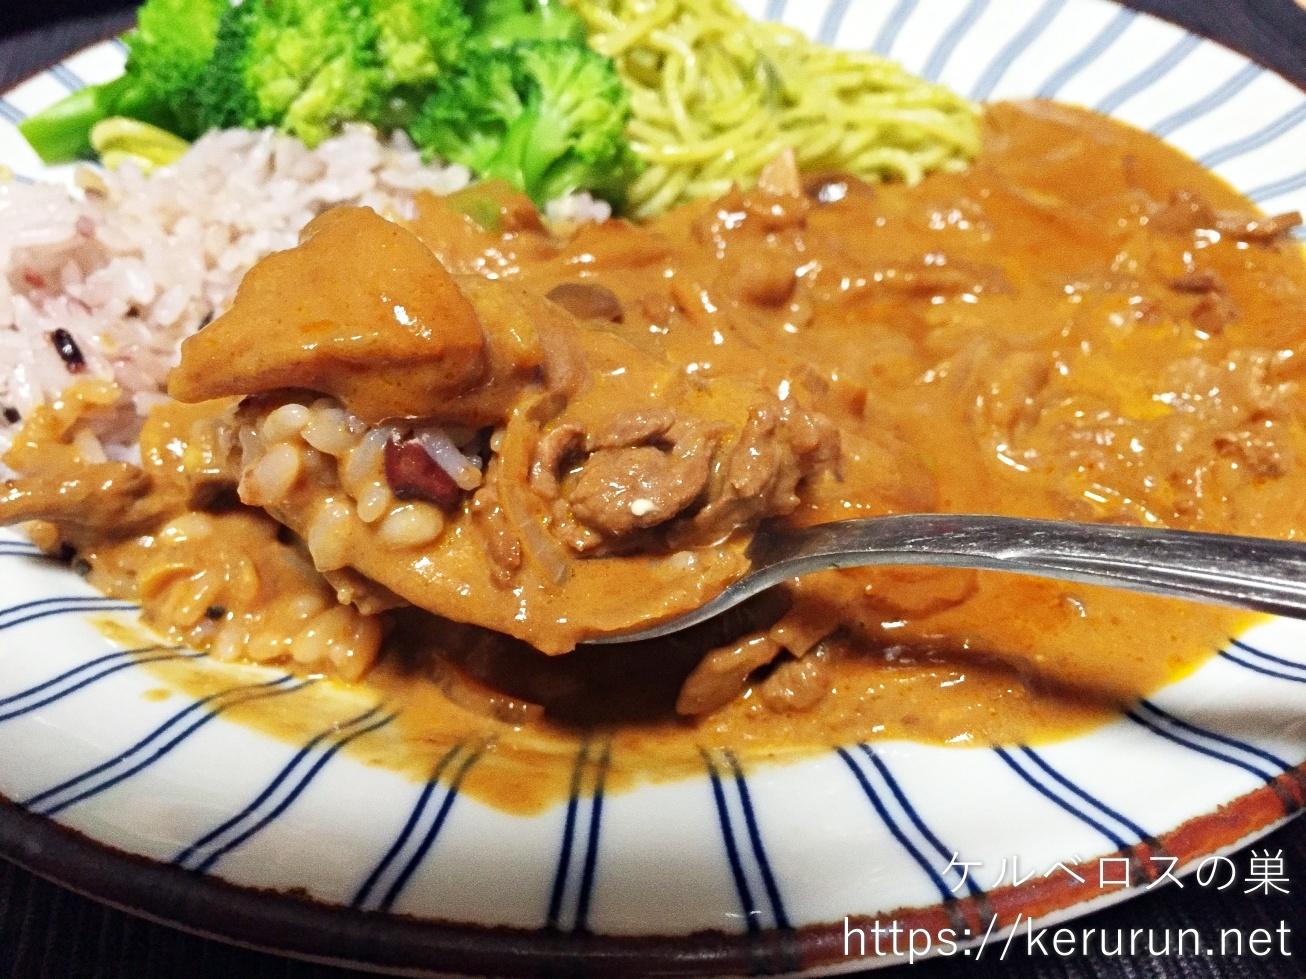 パルシステムのお料理セット「産直牛肉のビーフストロガノフ」で晩ごはん